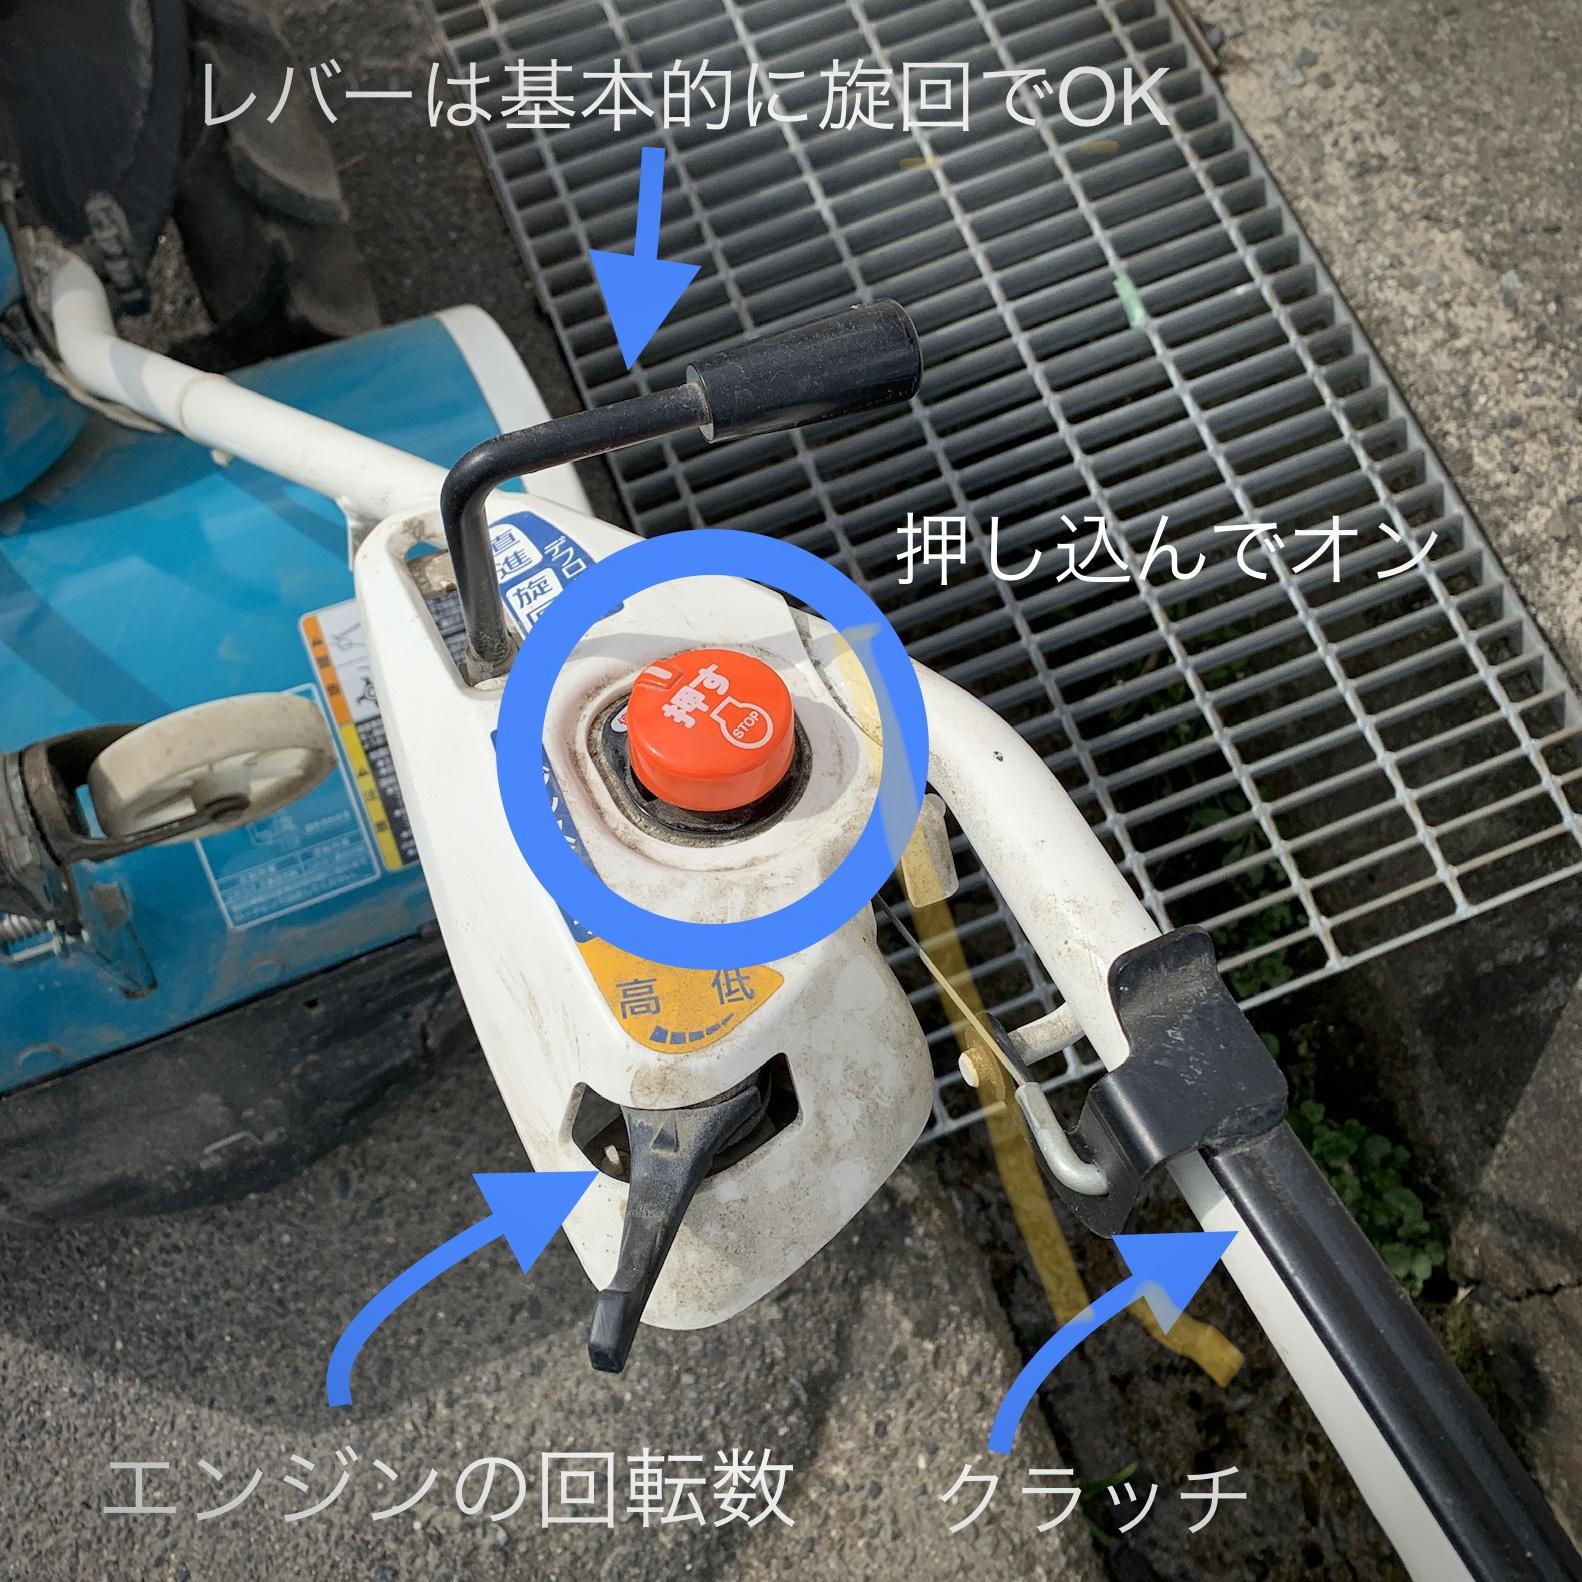 耕運機の操作方法、その1